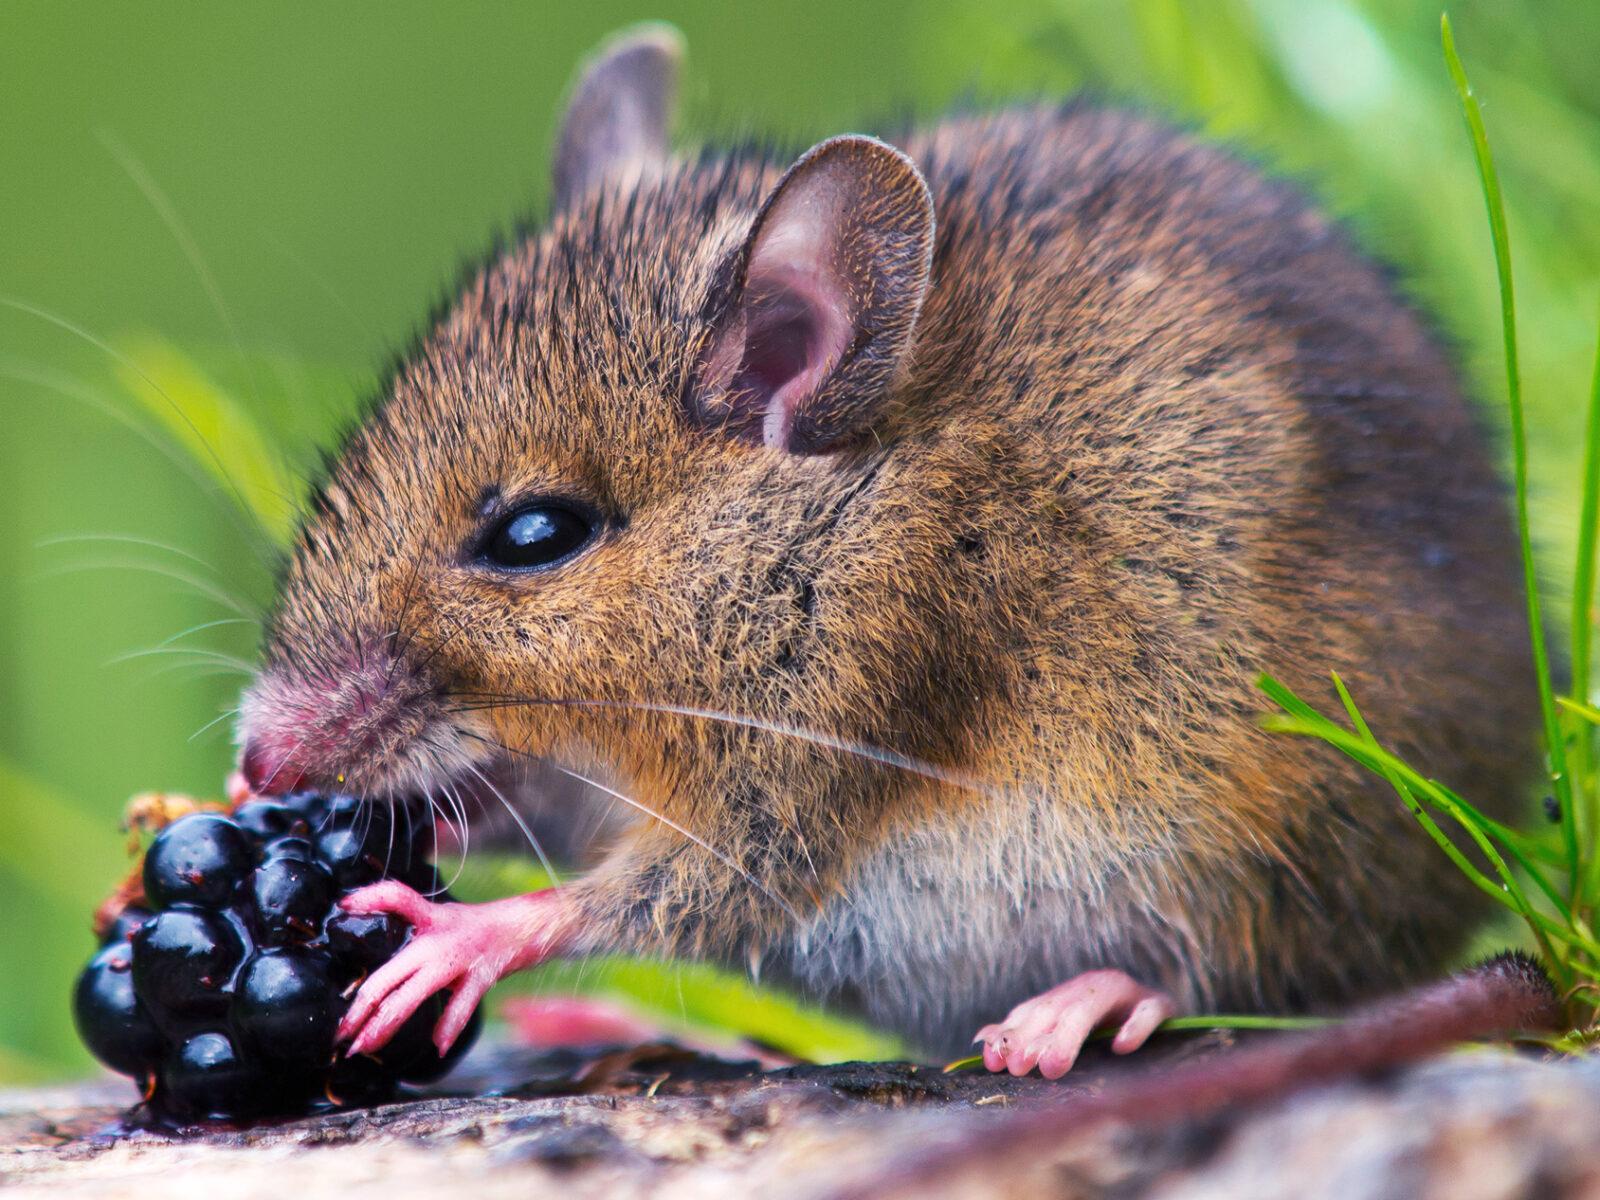 mus, vildmus, äter, björnbär, söt, näringskedja